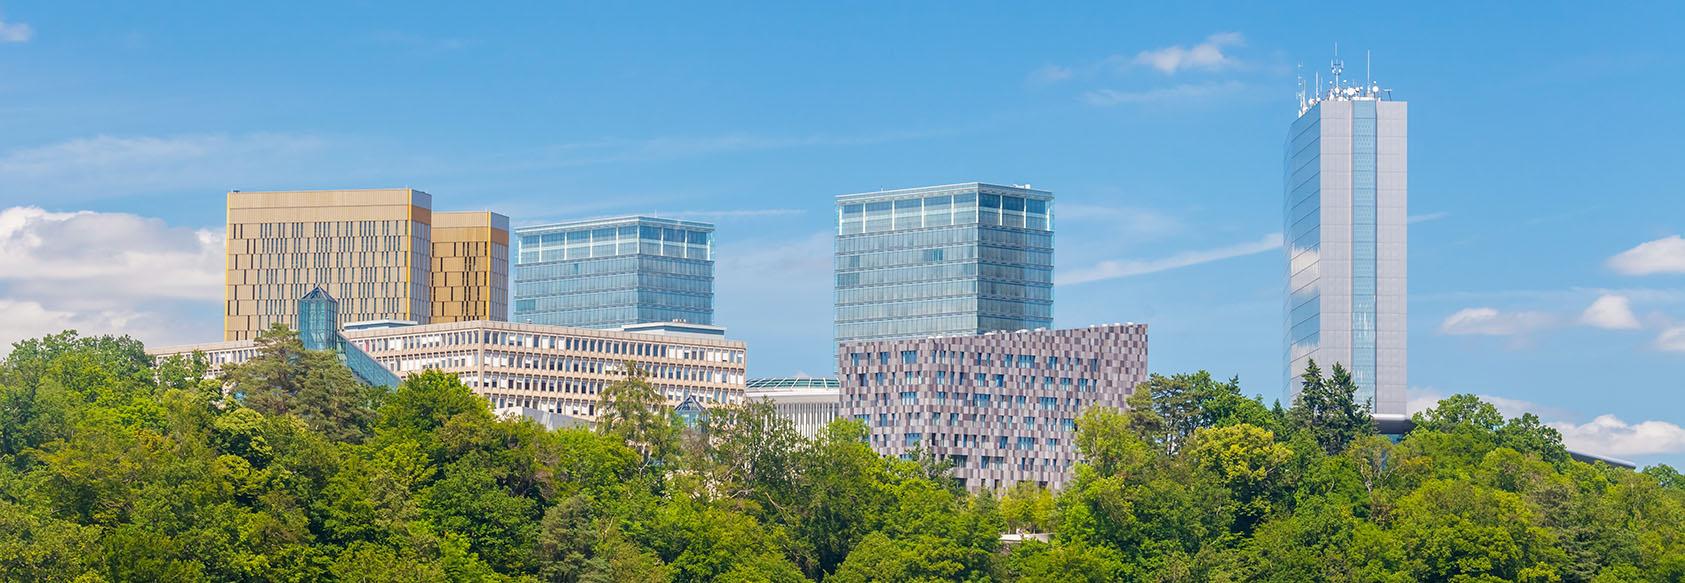 Edificios de Luxemburgo, incluidos tres donde trabajan traductores del PE